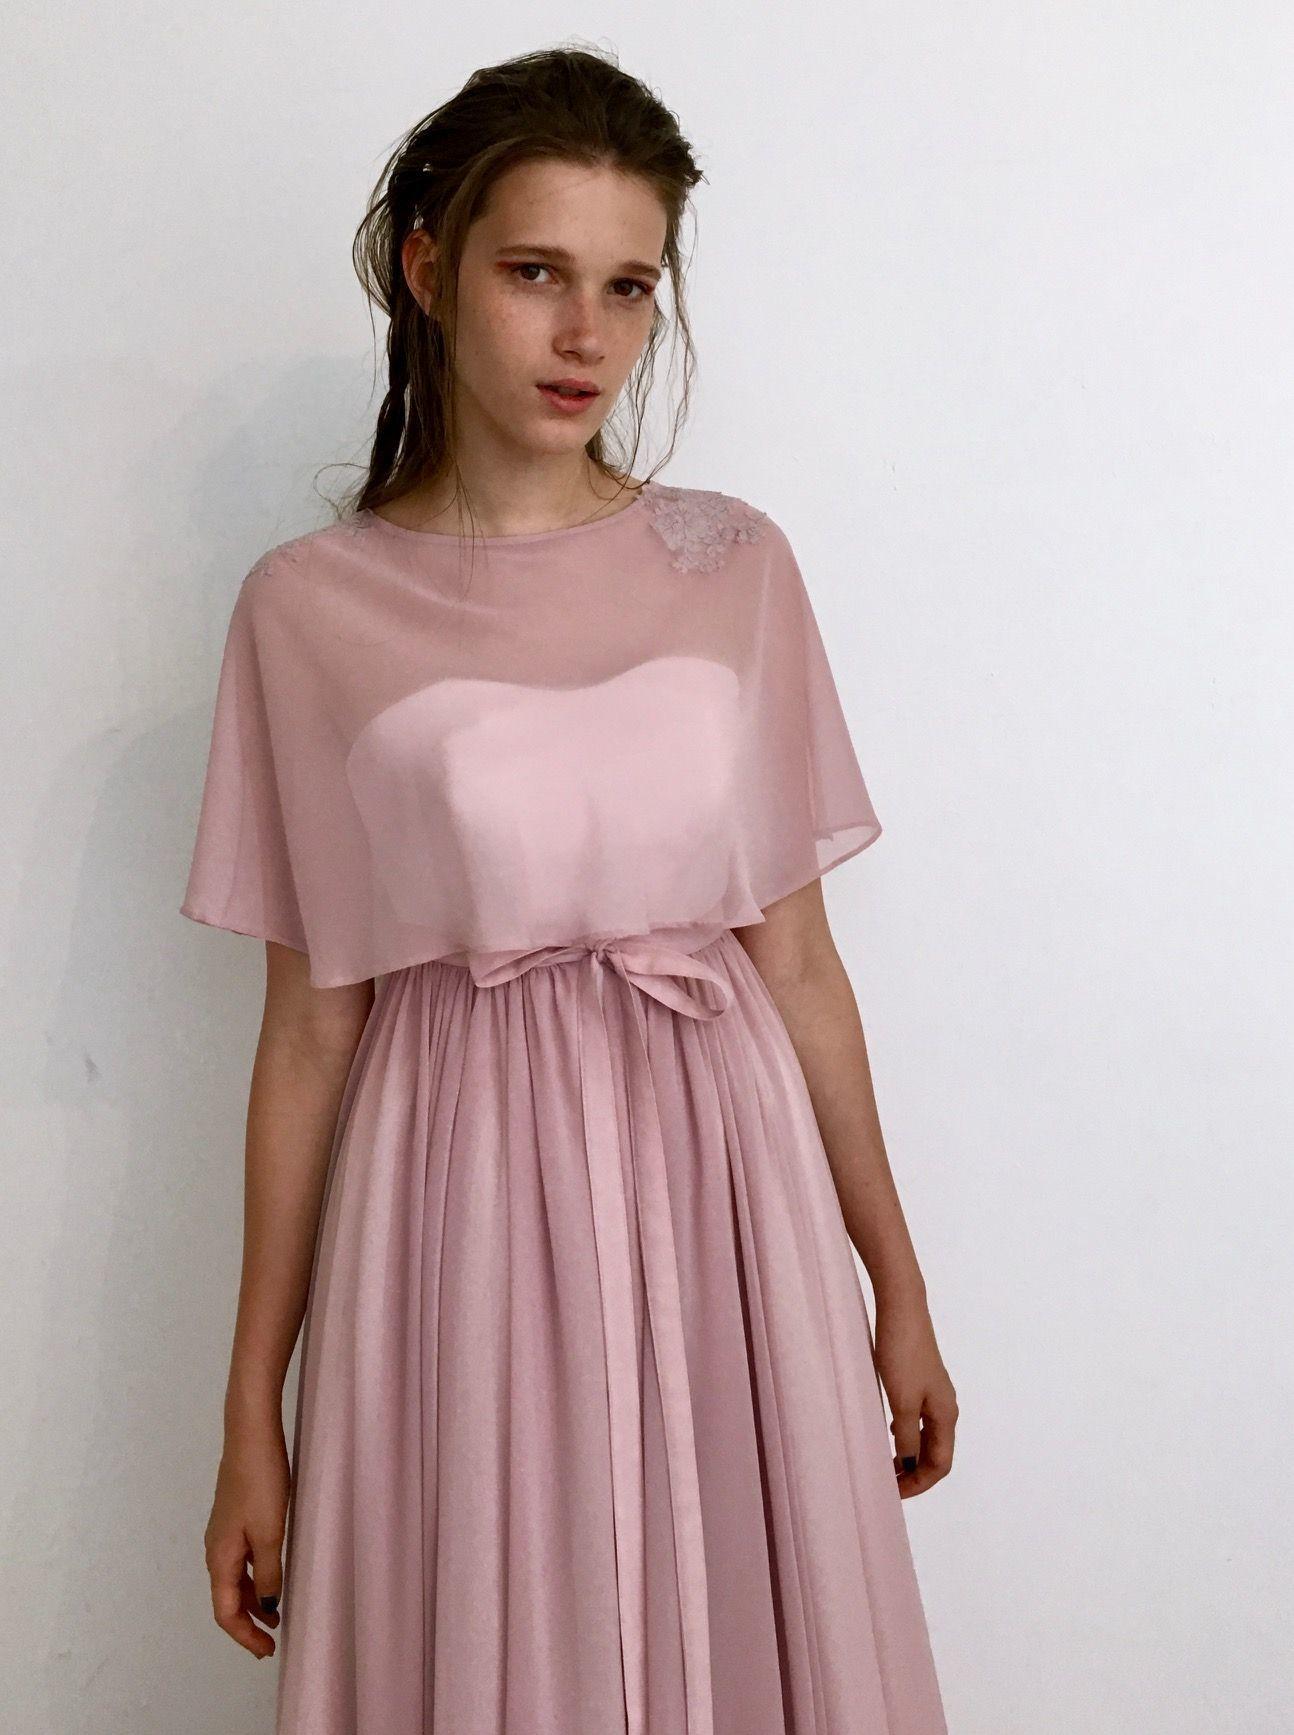 42893255389a9 スペシャルプライスでドレスをレンタル! 代官山のウェディングドレスブランド『ウーアンジュ』が期間限定カラードレスフェアを4 20から開催